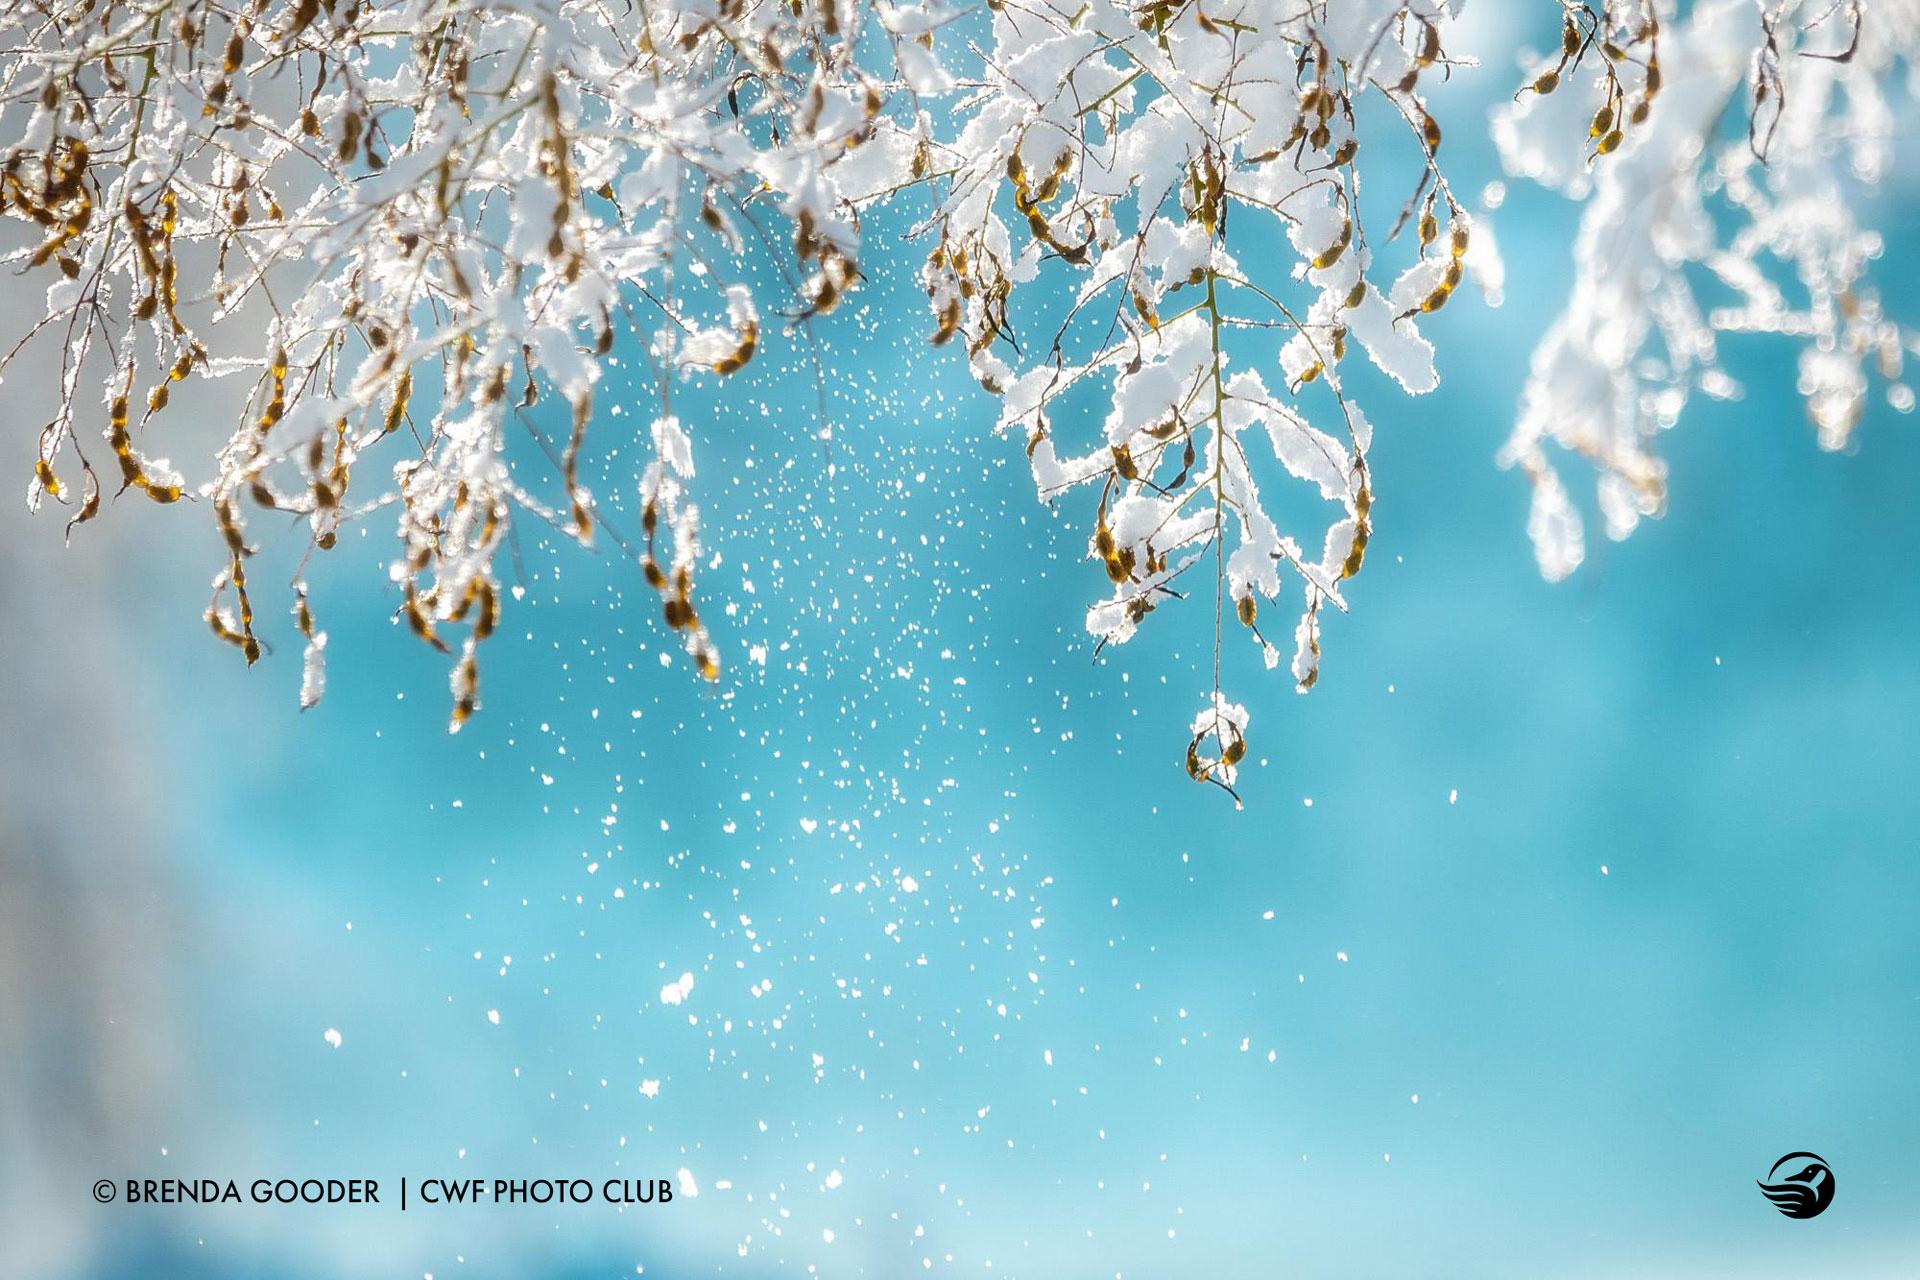 brenda-gooder-frozen-branches